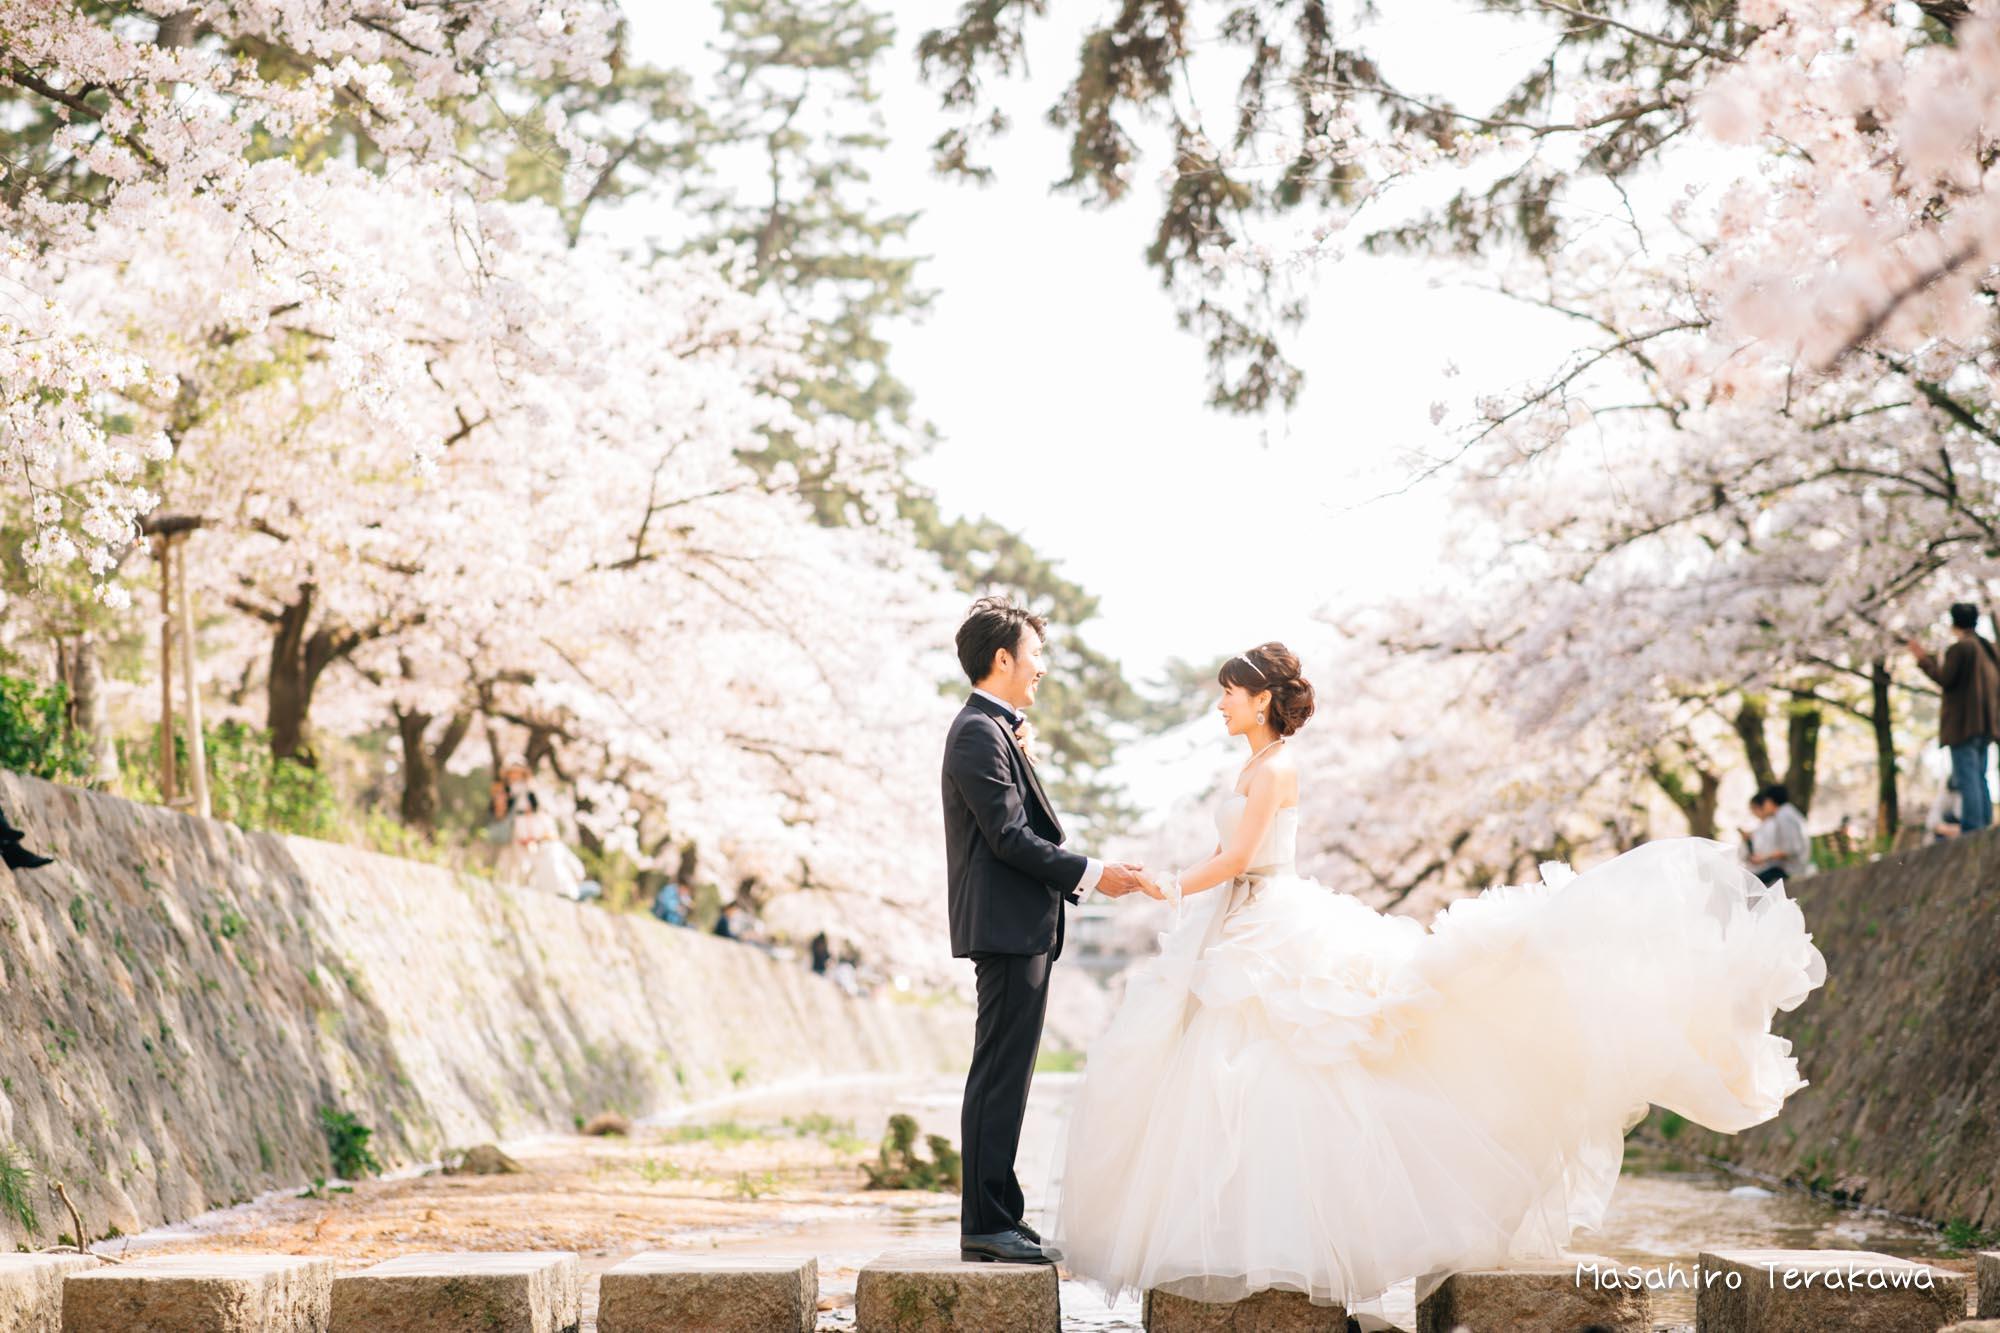 トリートドレッシングのウェディングドレスで結婚式前撮り5